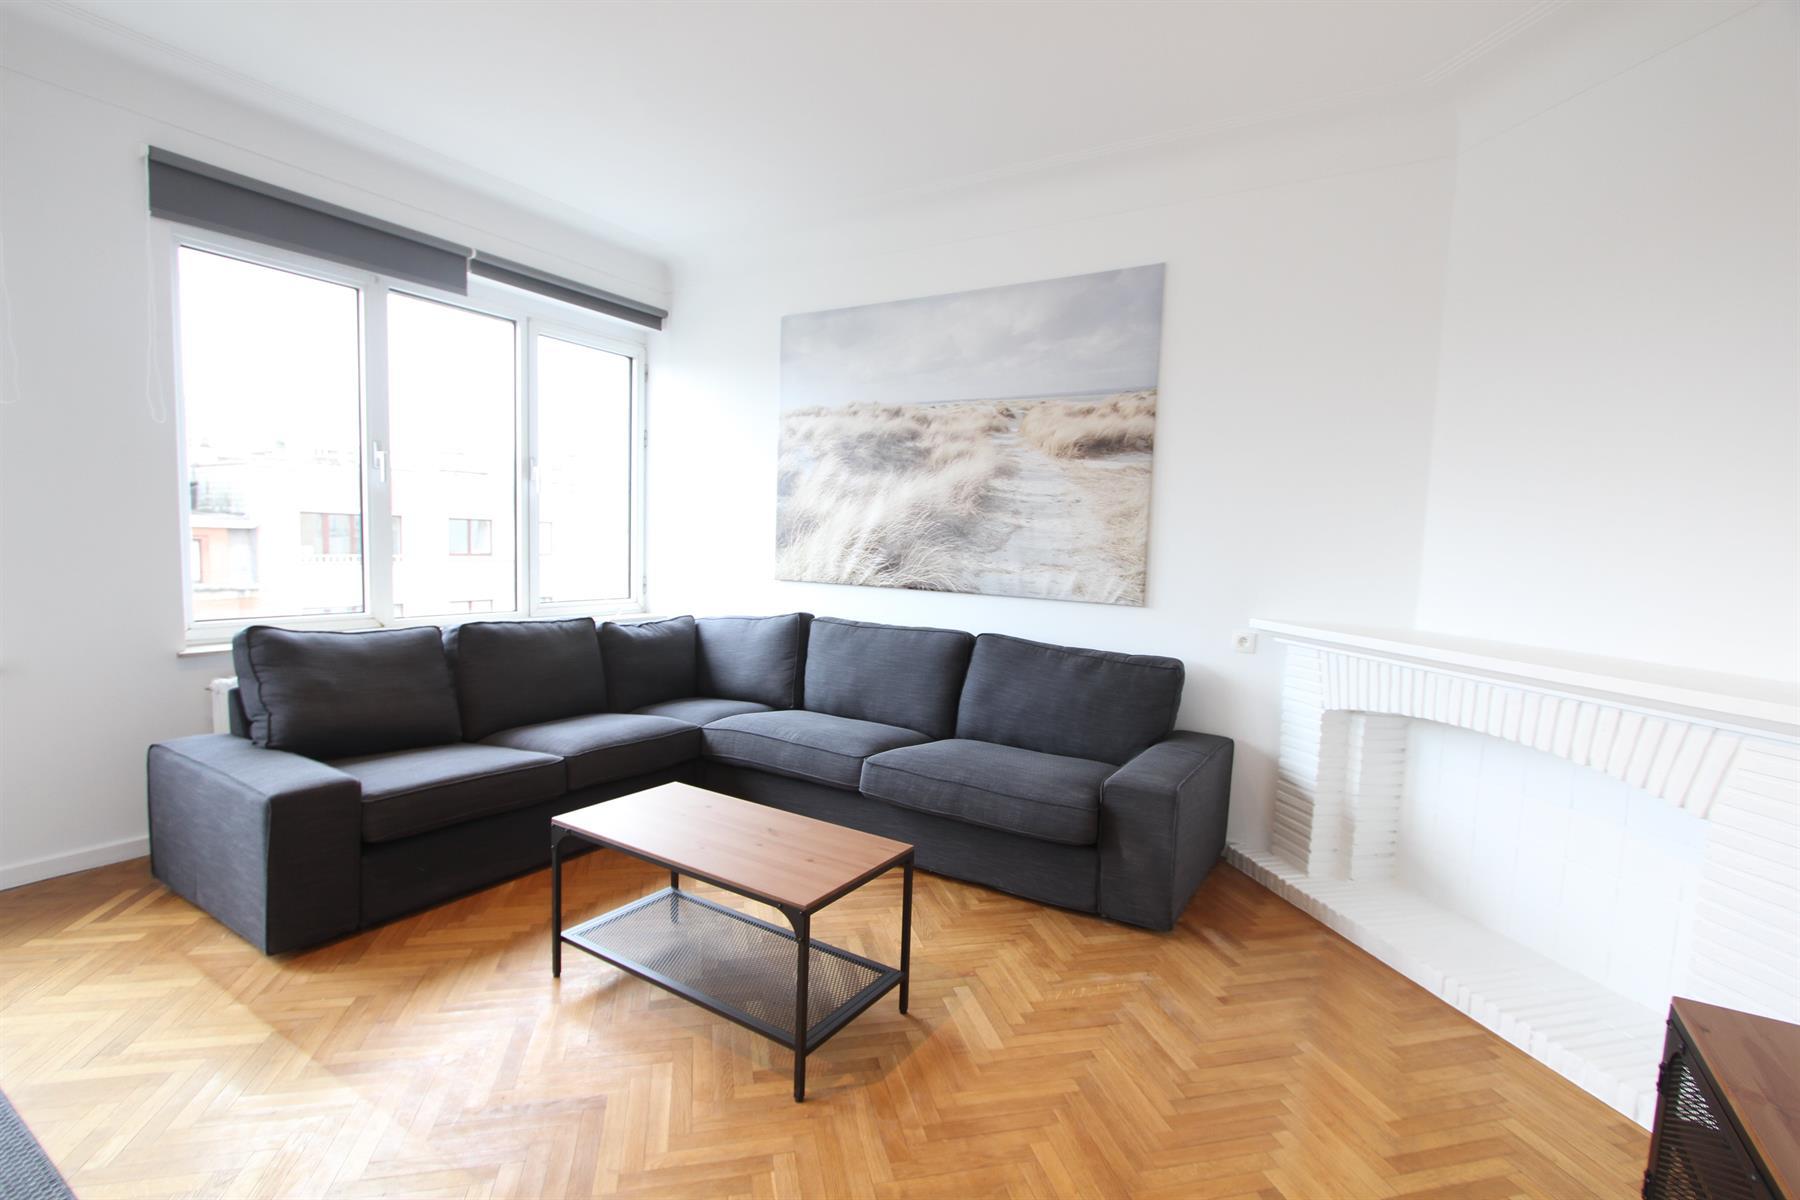 Flat - Ixelles - #3973978-0